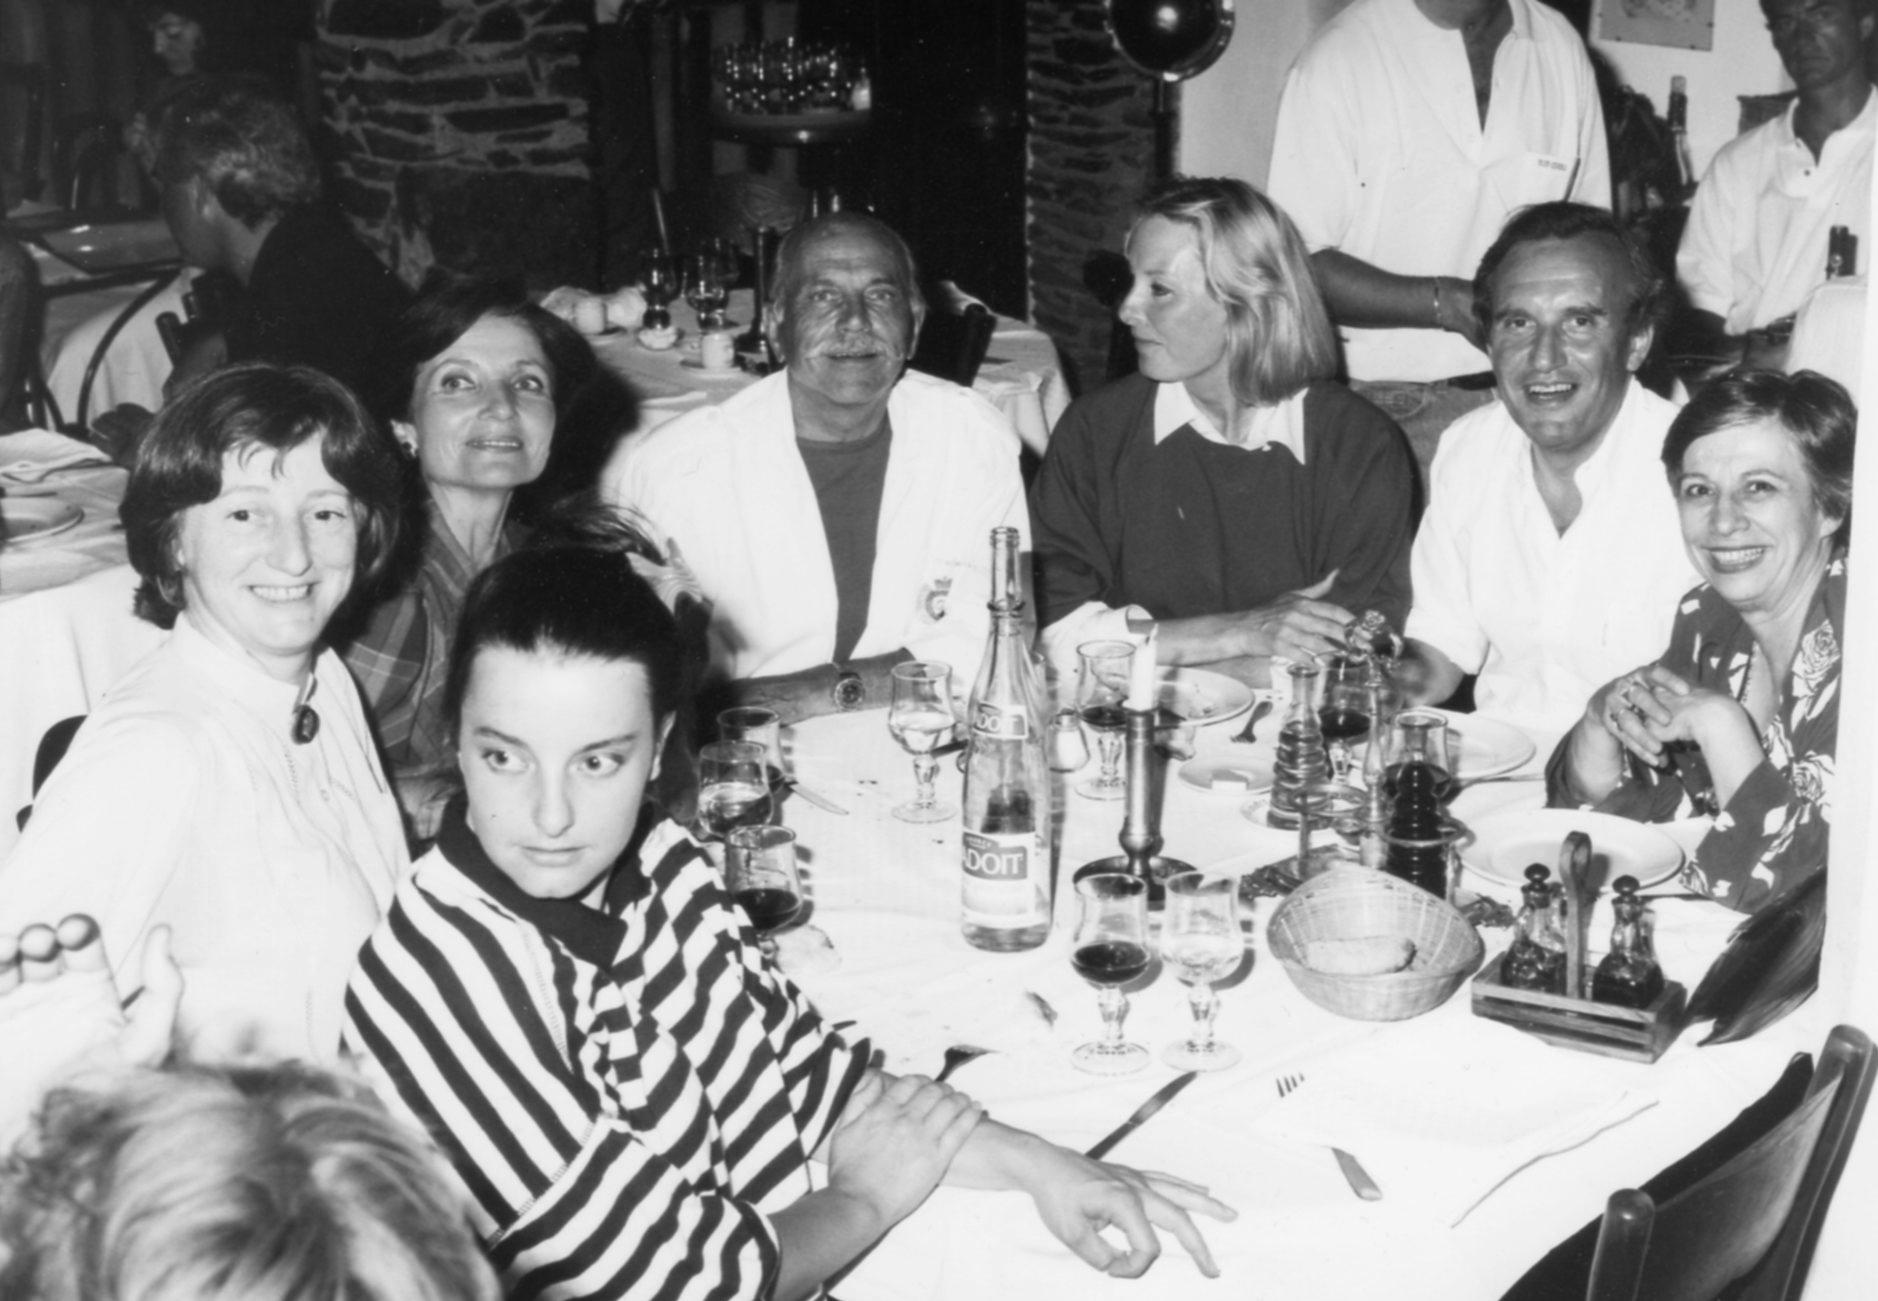 Saint-Tropez - 1985